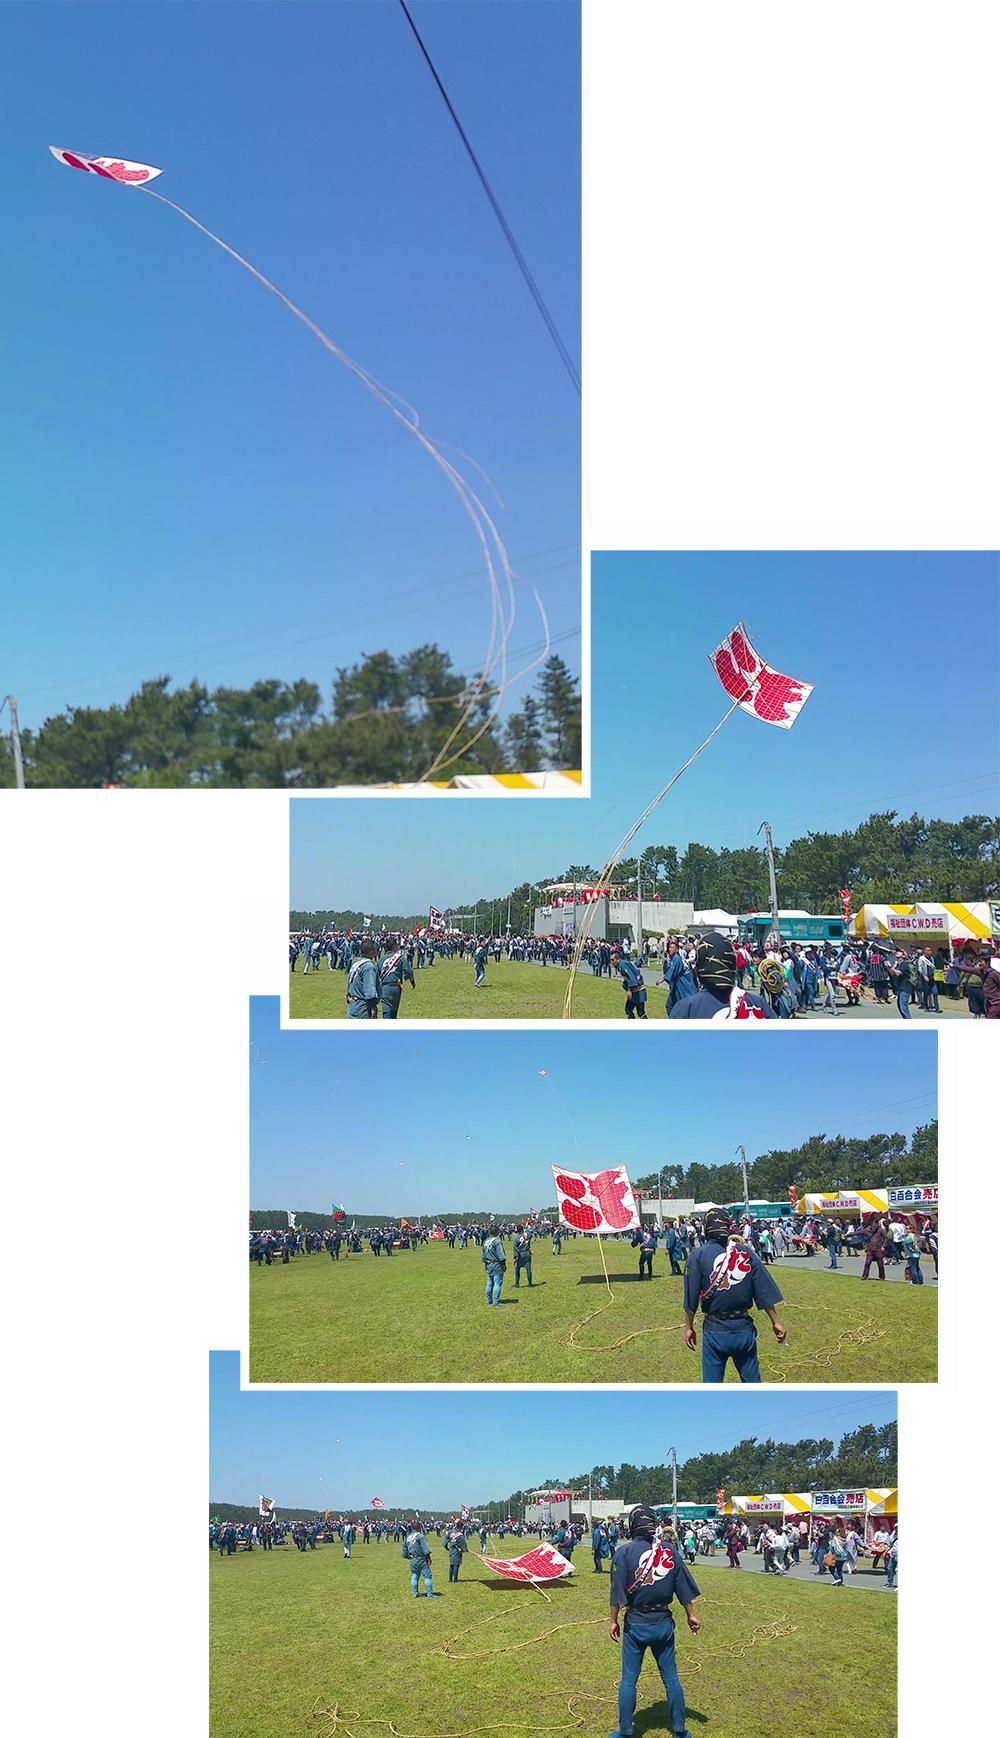 Kite taking off